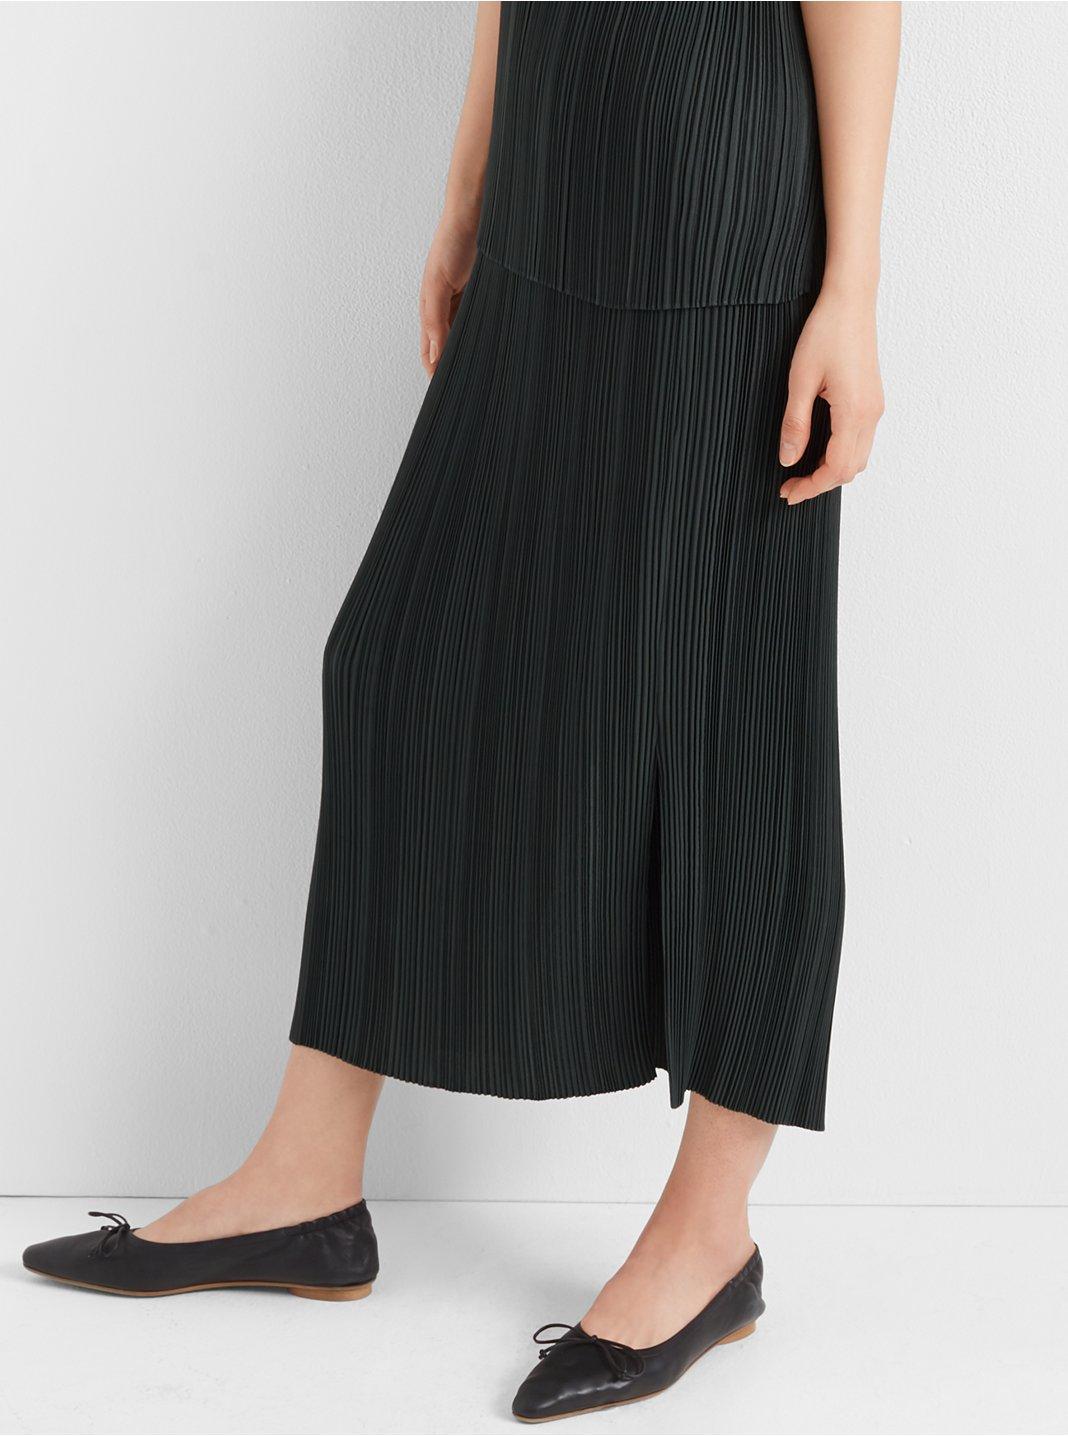 Micro-Pleated Skirt